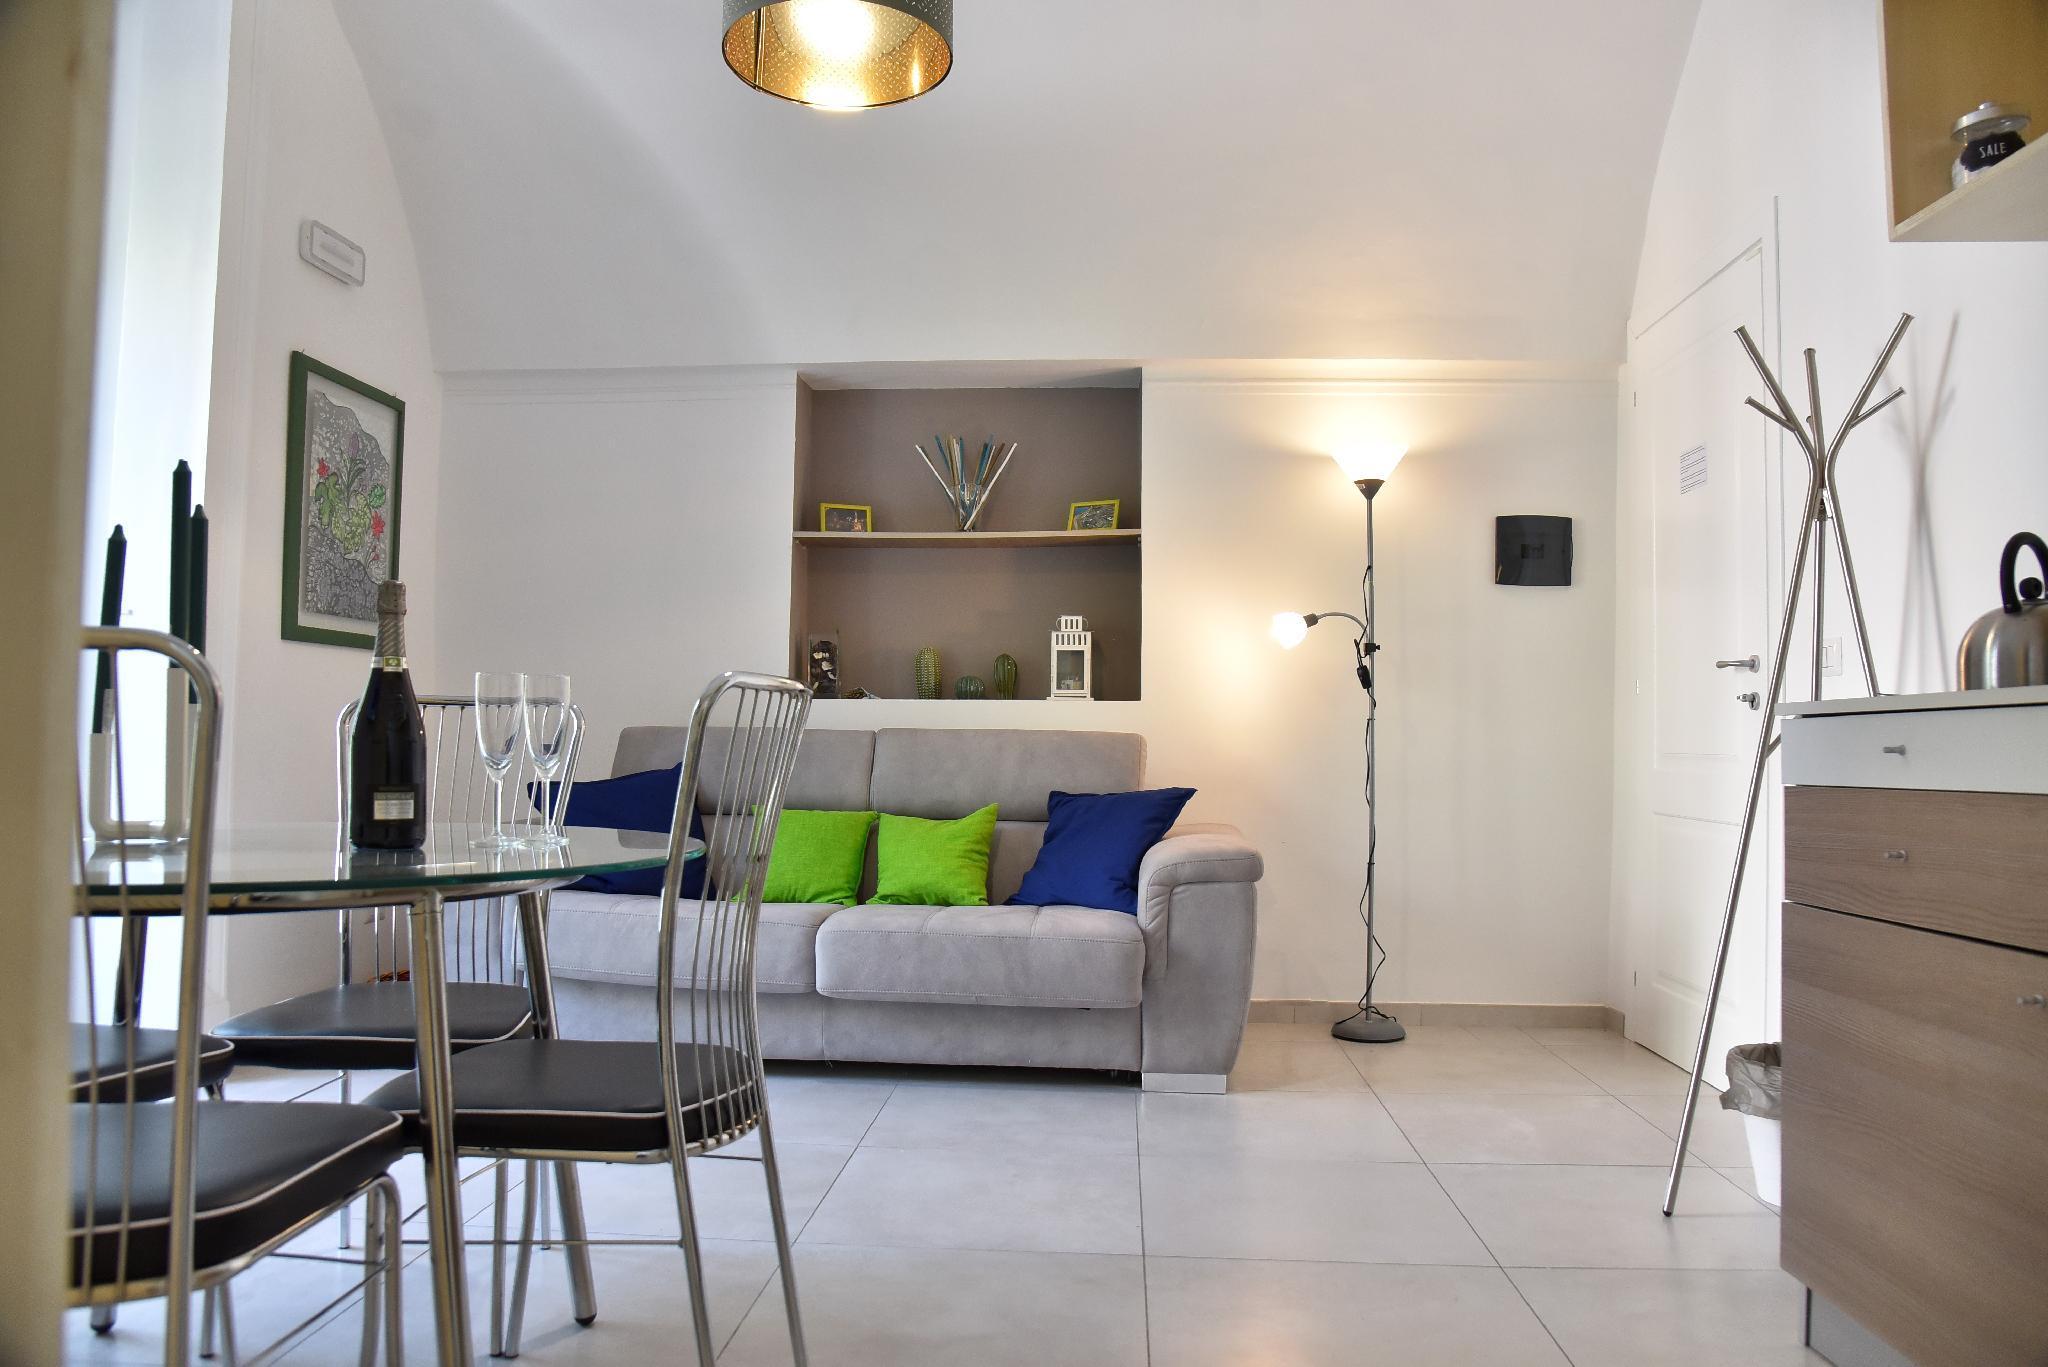 Balconi Su Piazza Dante   Exclusive Suites And Views